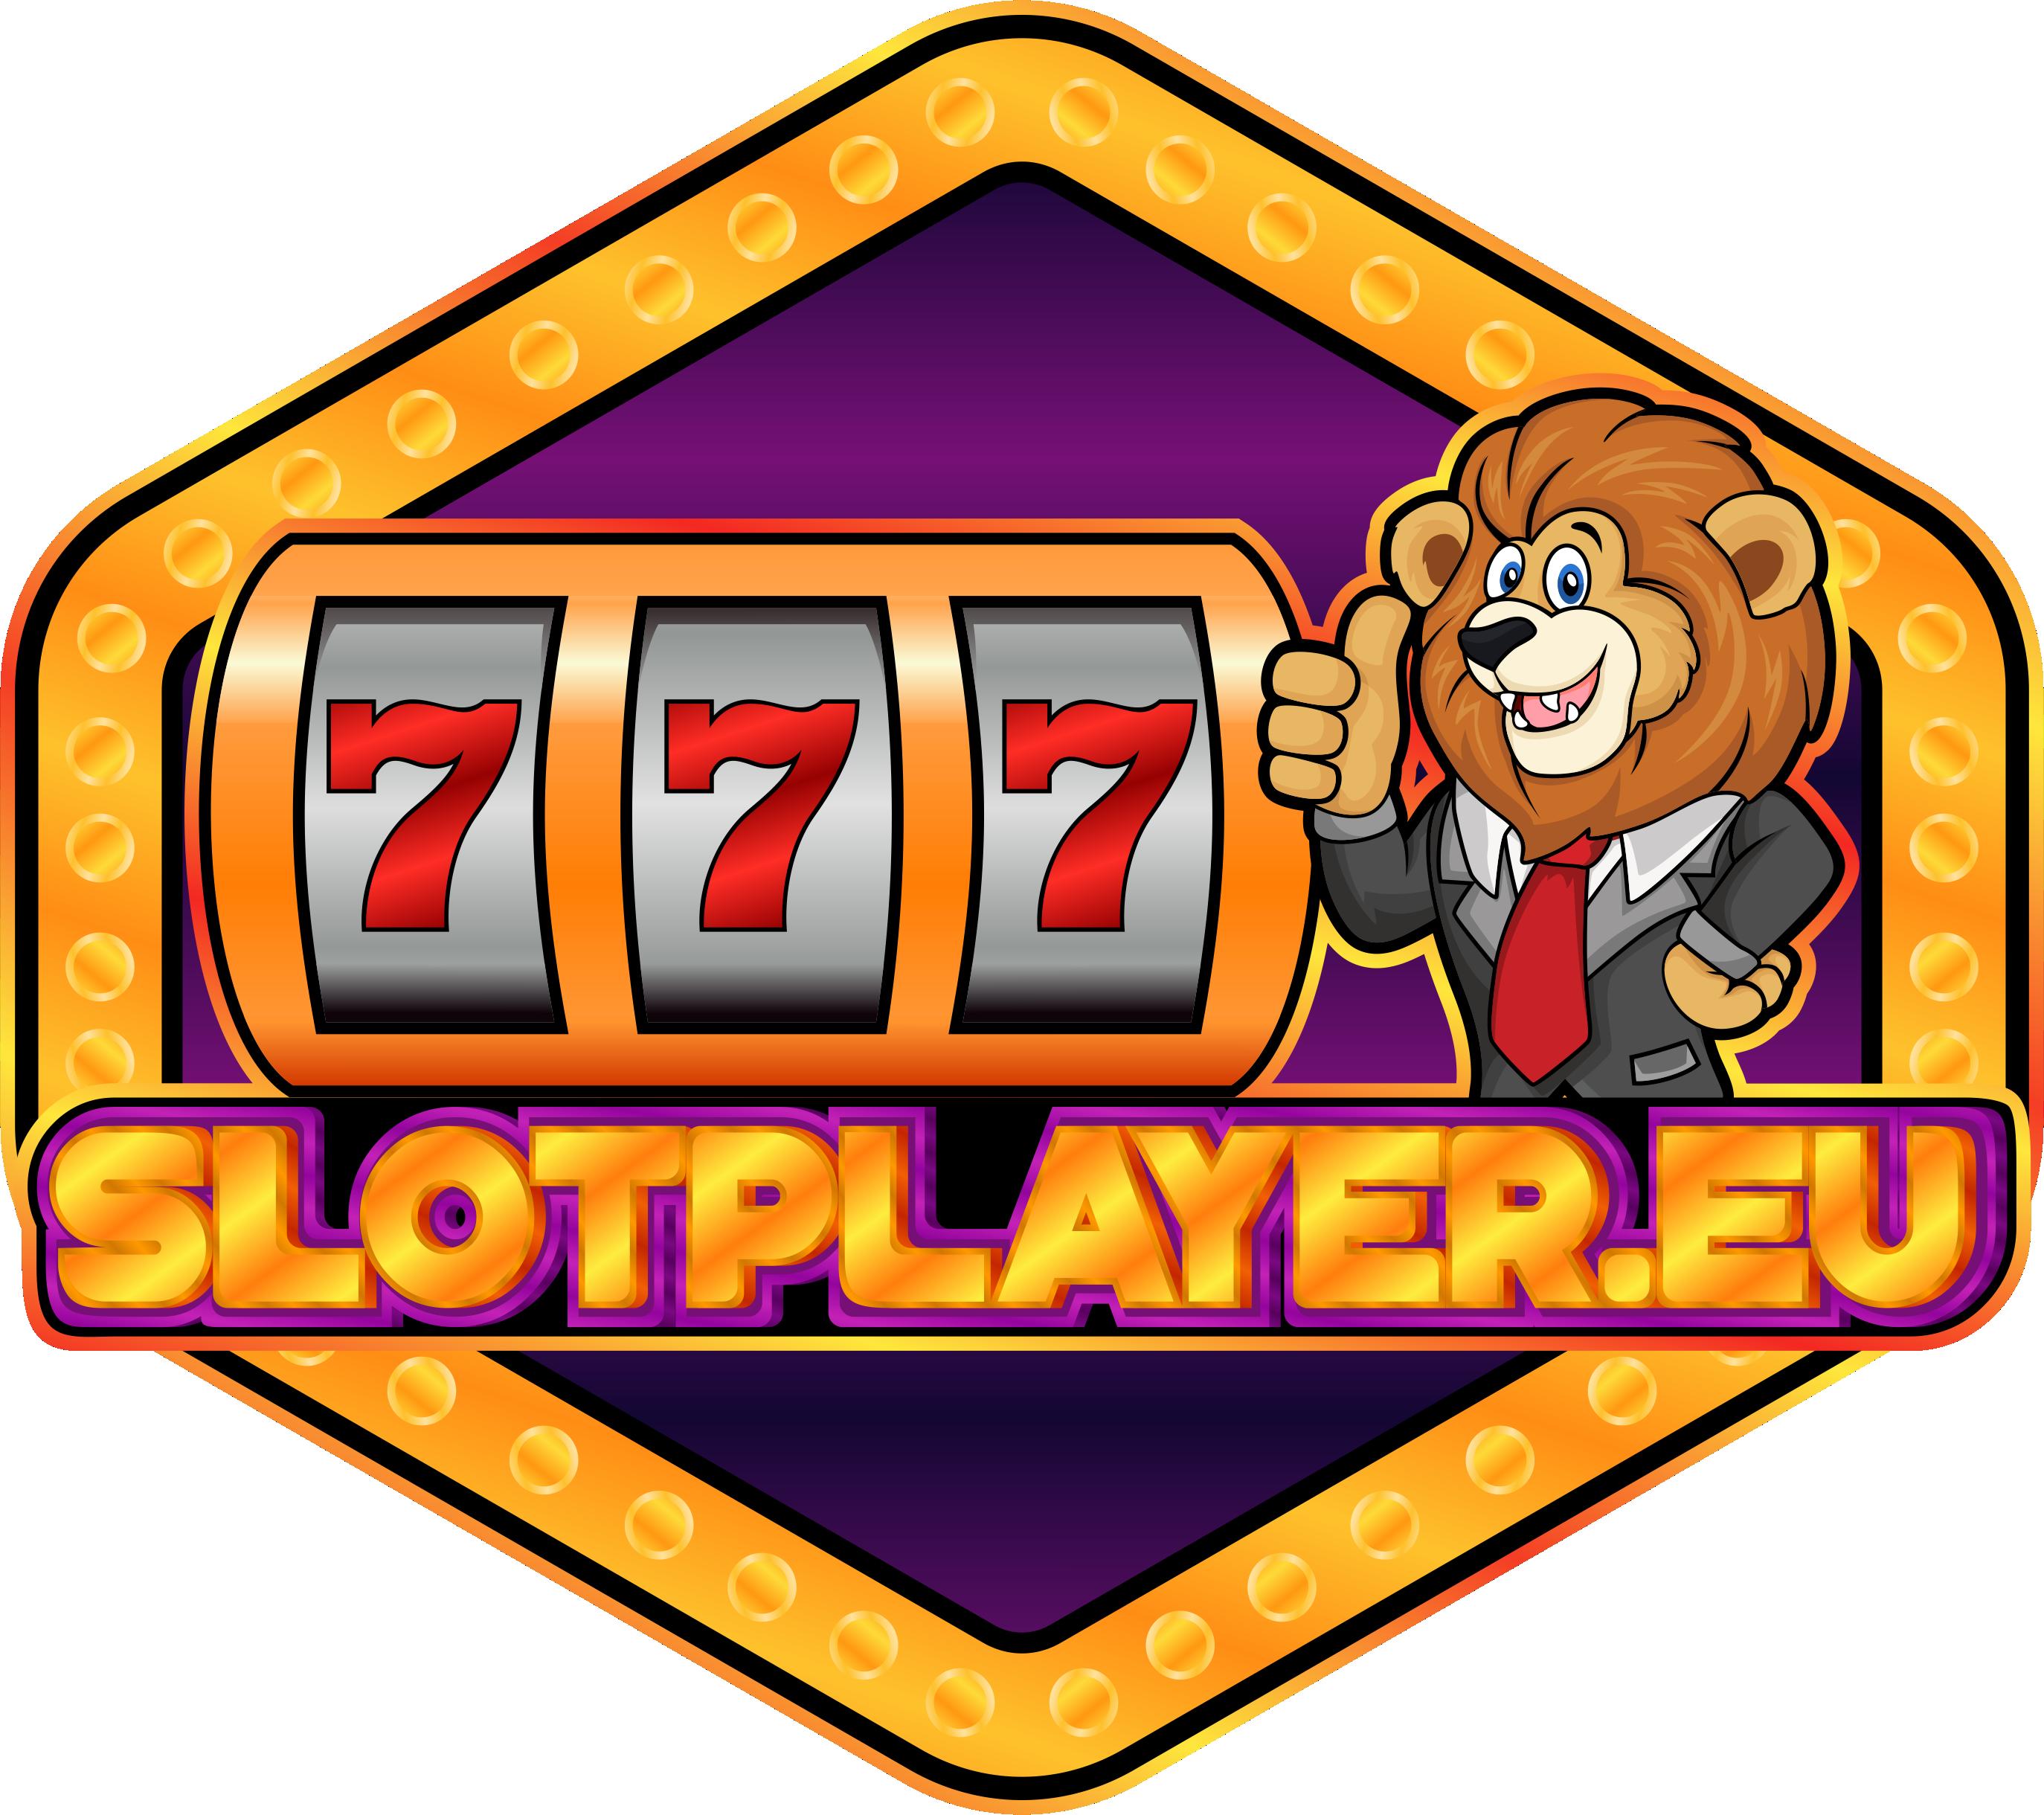 Slotplayer.eu